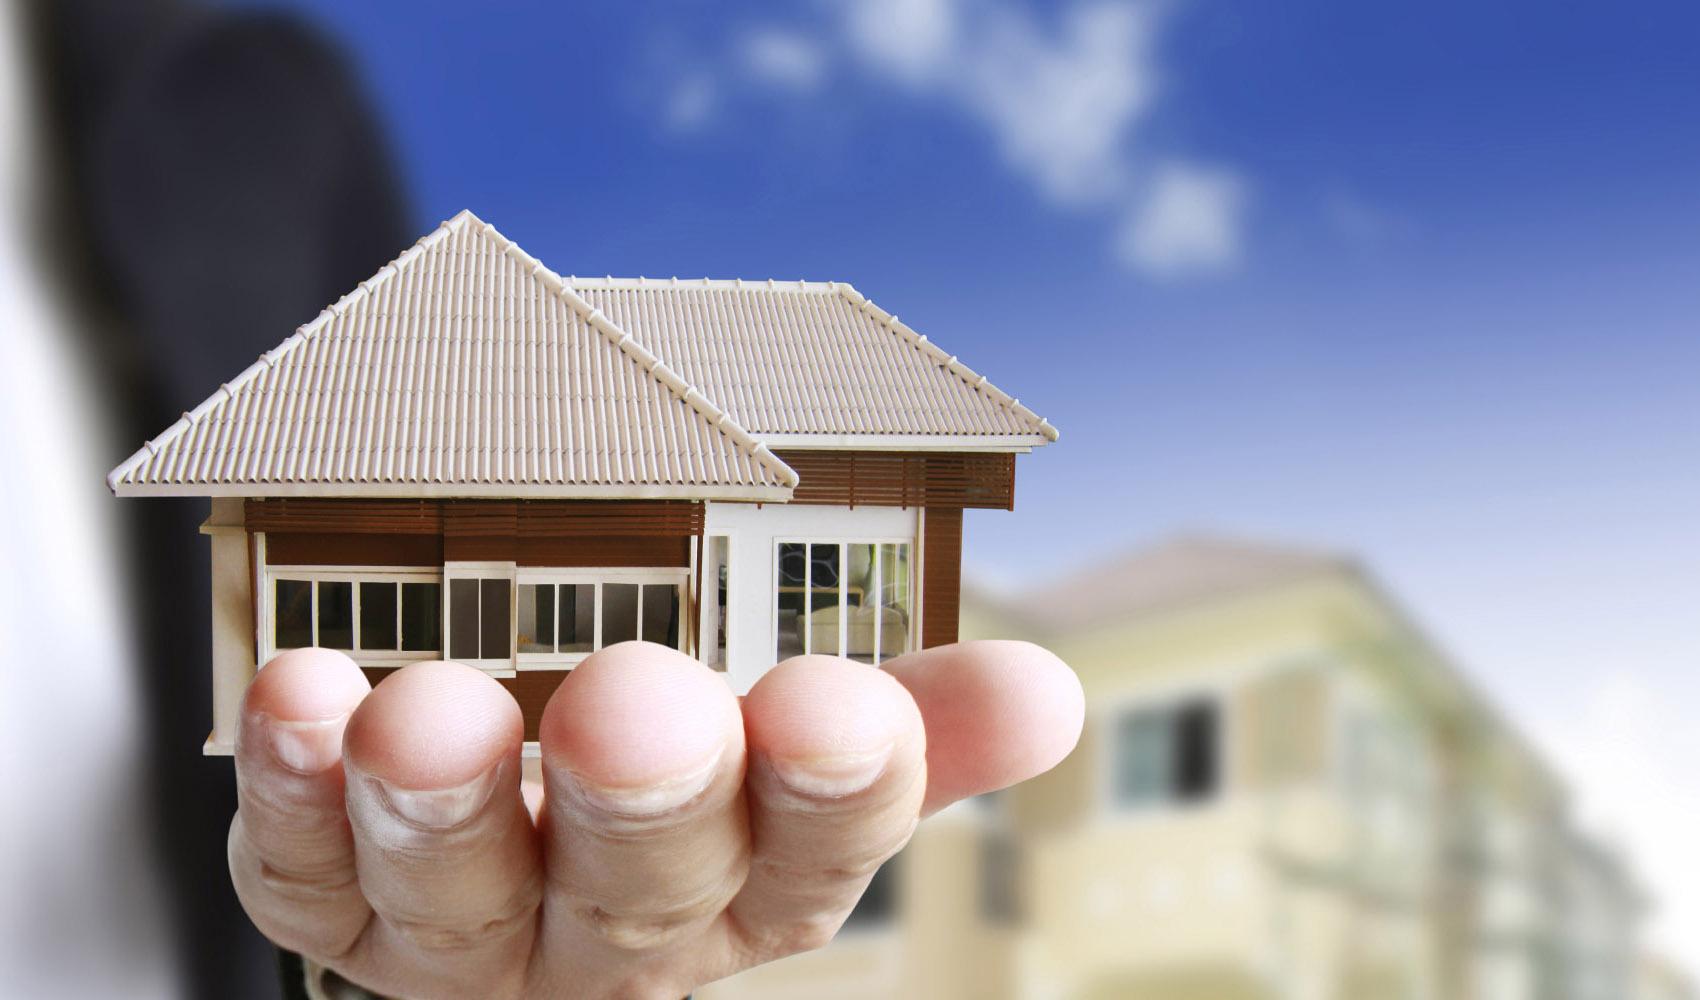 راهکار «فعلا خانه نخرید» دردی دوا میکند؟